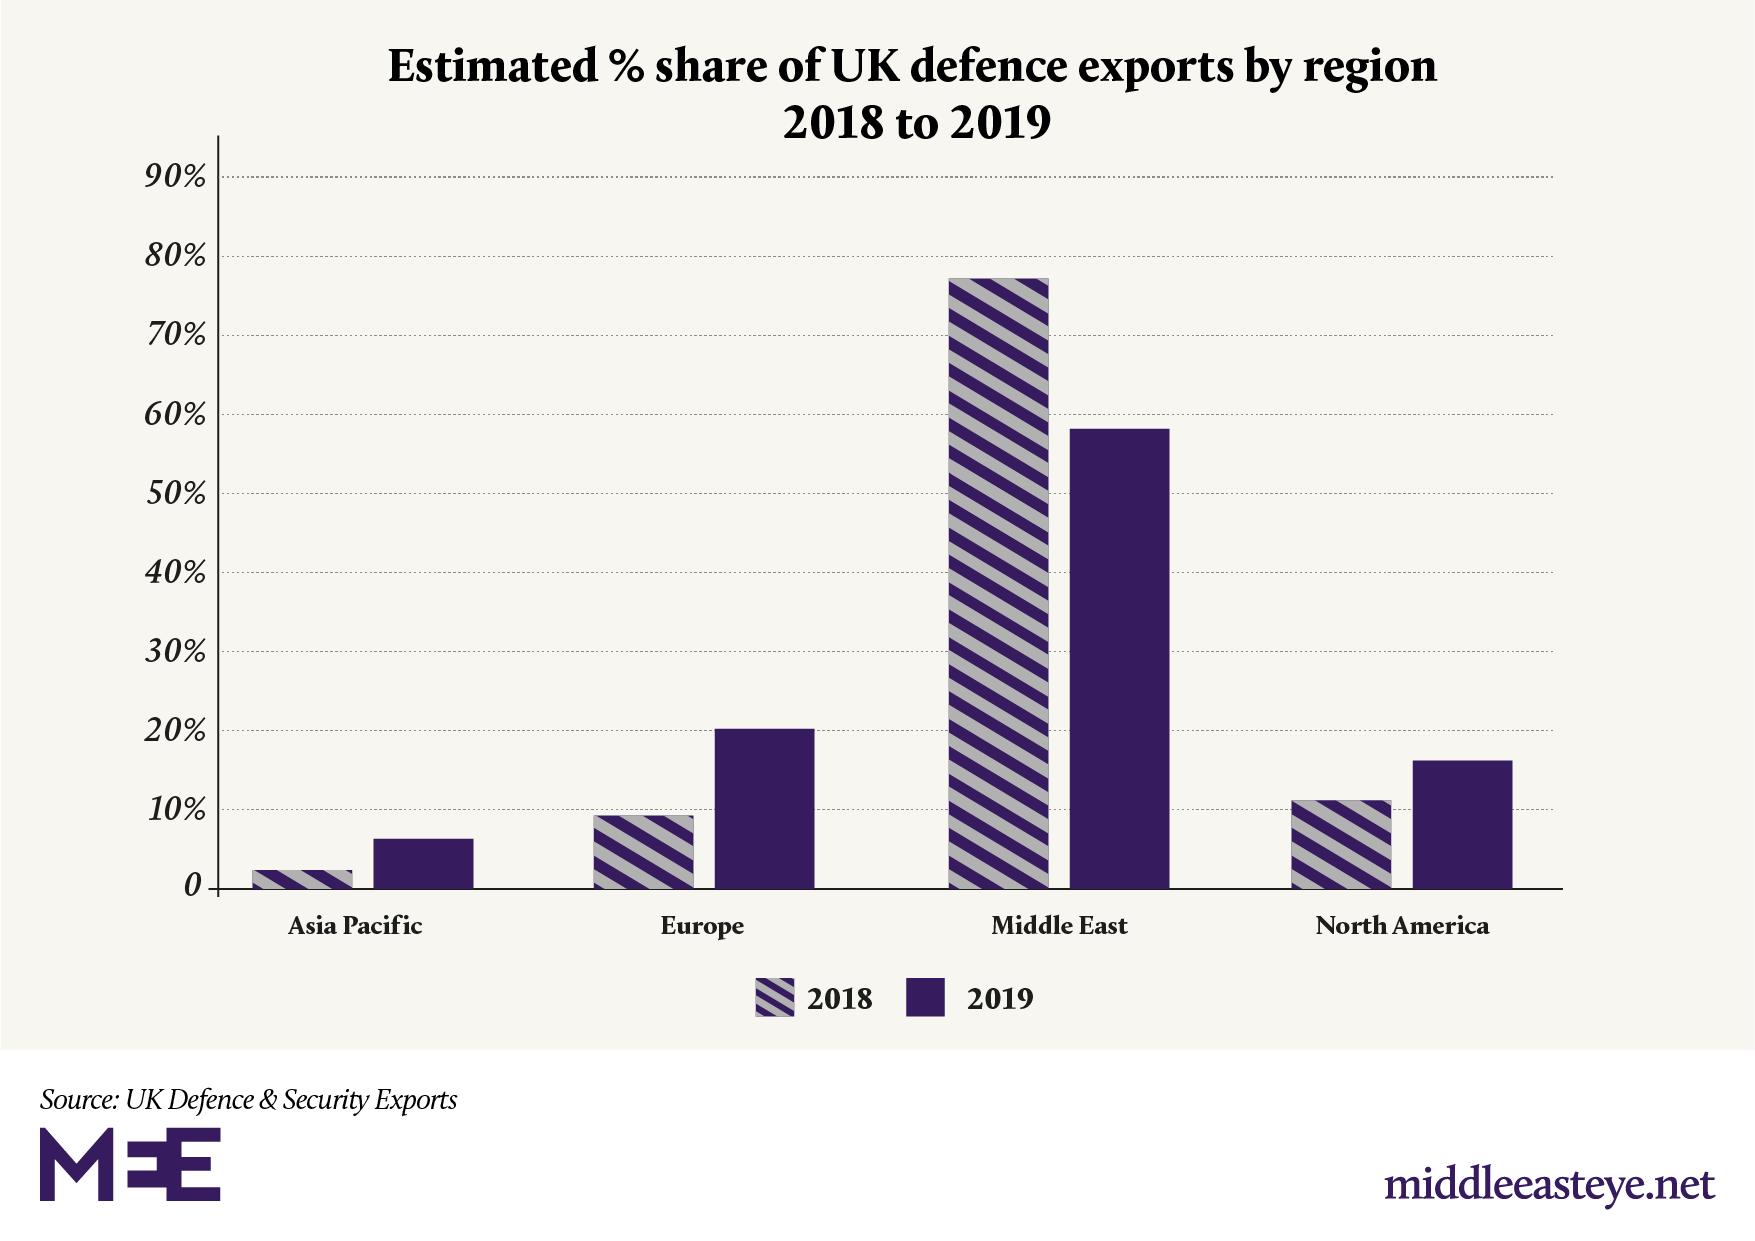 uk savunma ihracatı 2018 ve 2019